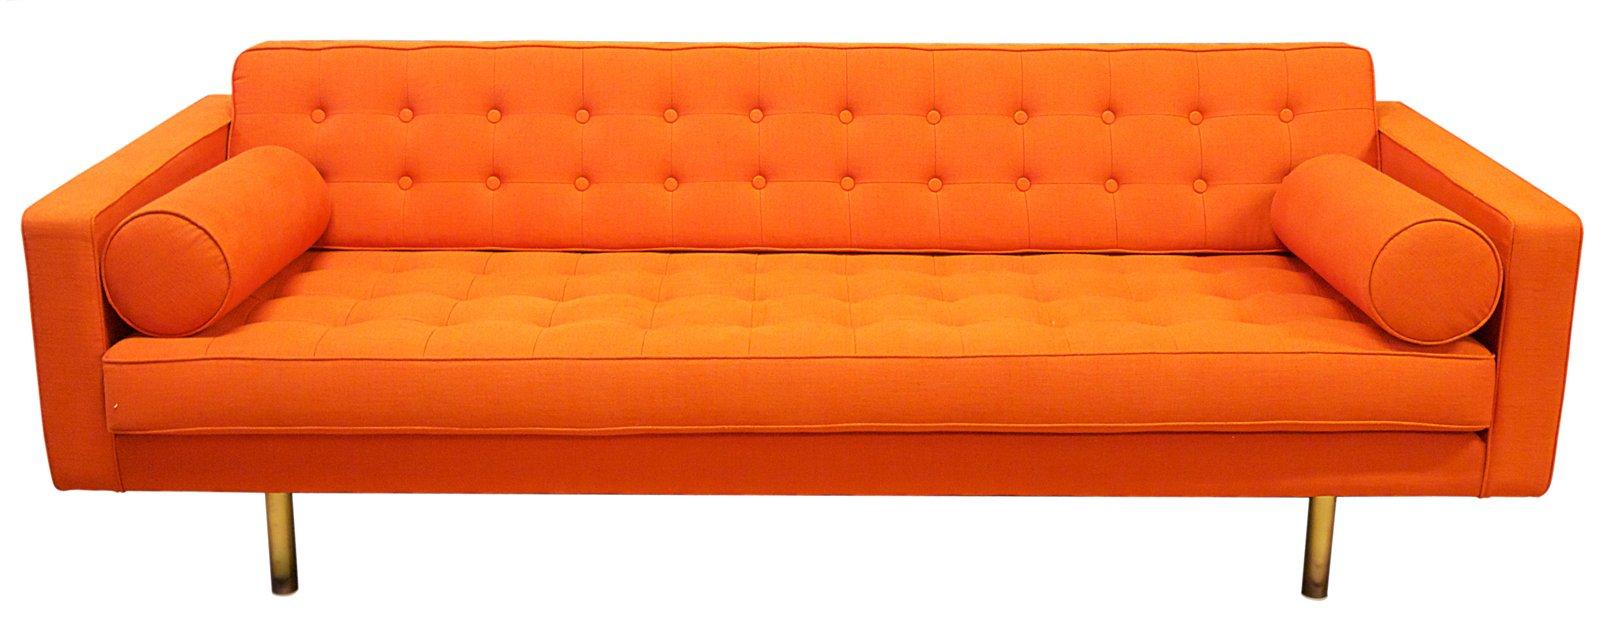 Divani da 200 a 2000 euro cose di casa for Divani da design